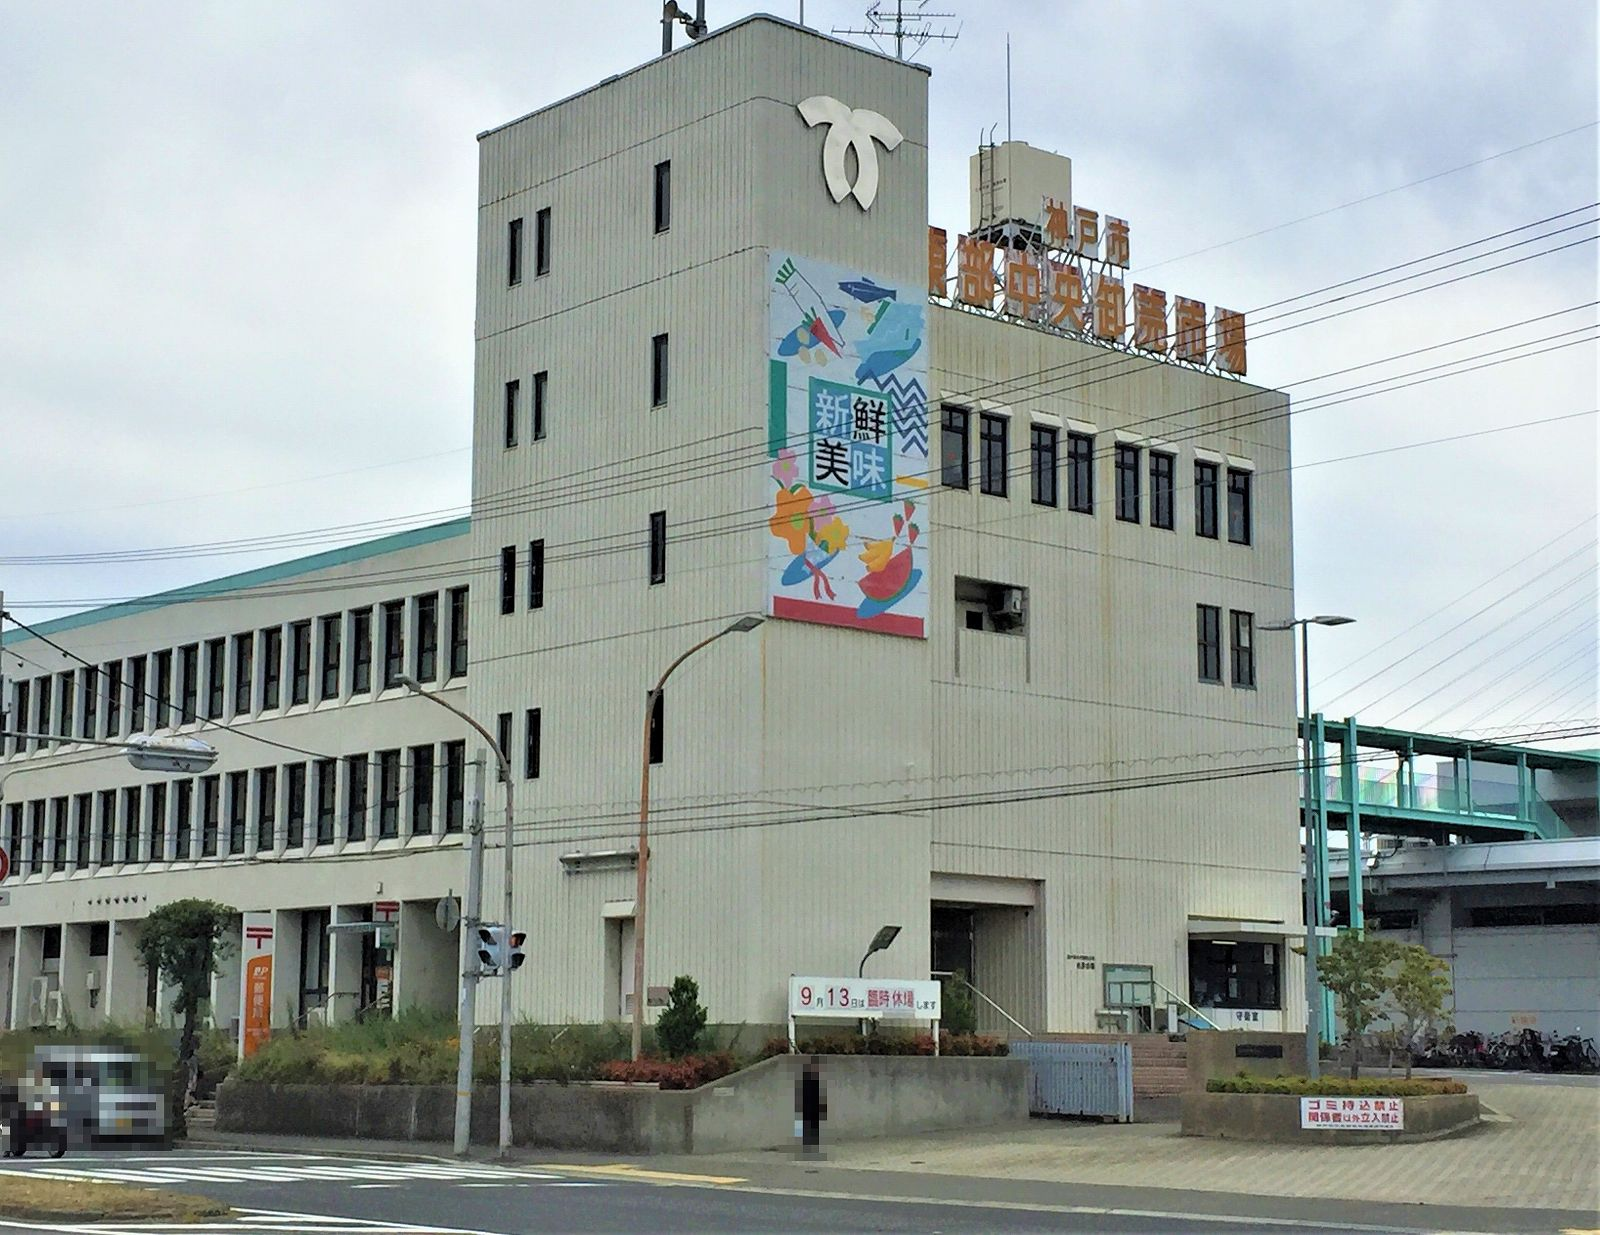 神戸市東部中央卸売市場で「お買物デー&市場横丁まつり」が12/1に開催されるよ! #神戸市東部中央卸売市場 #お買物デー #卸売市場 #深江浜